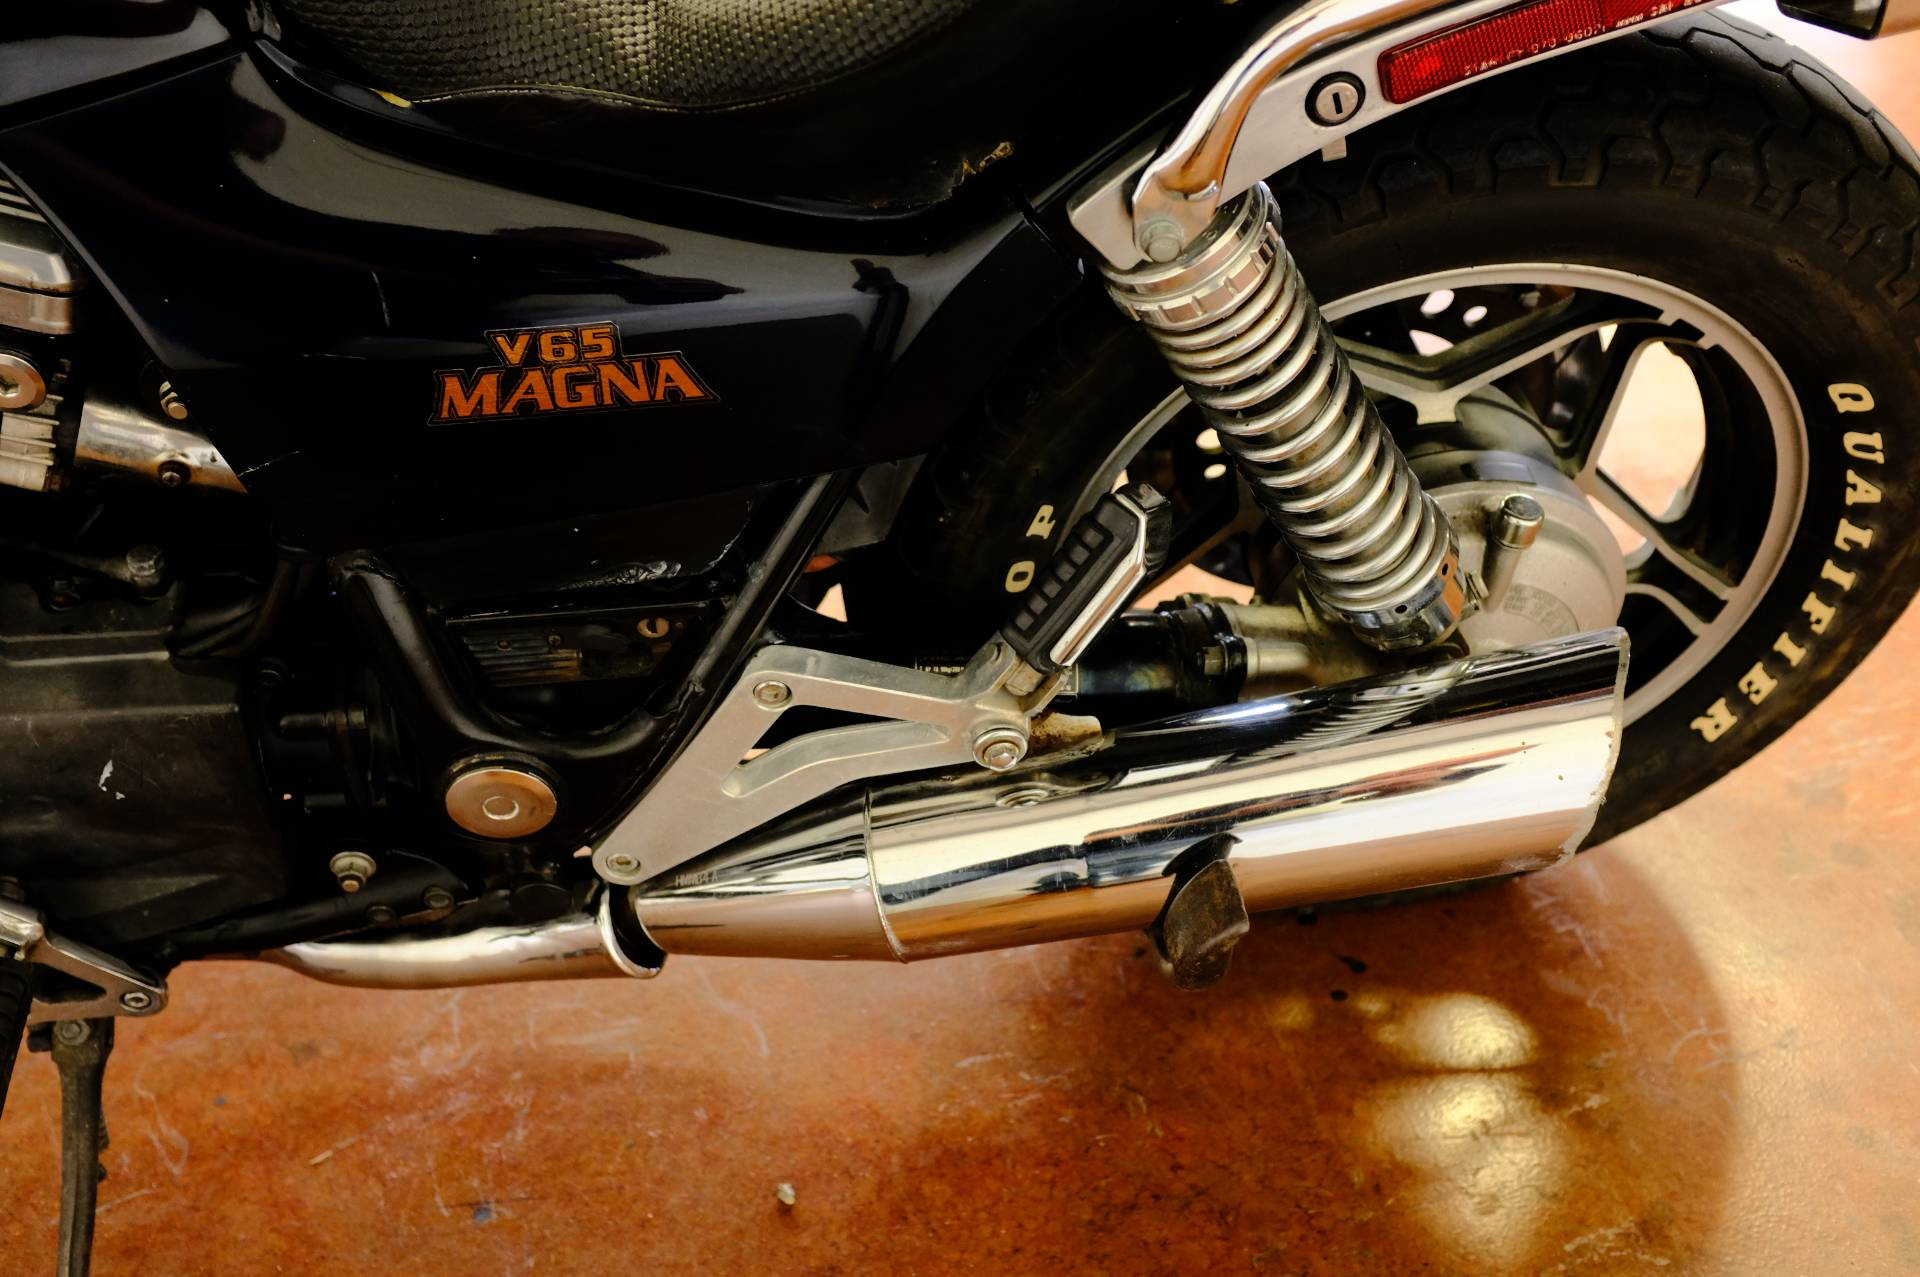 1983 Honda V65 Magna In Sunbury, Ohio